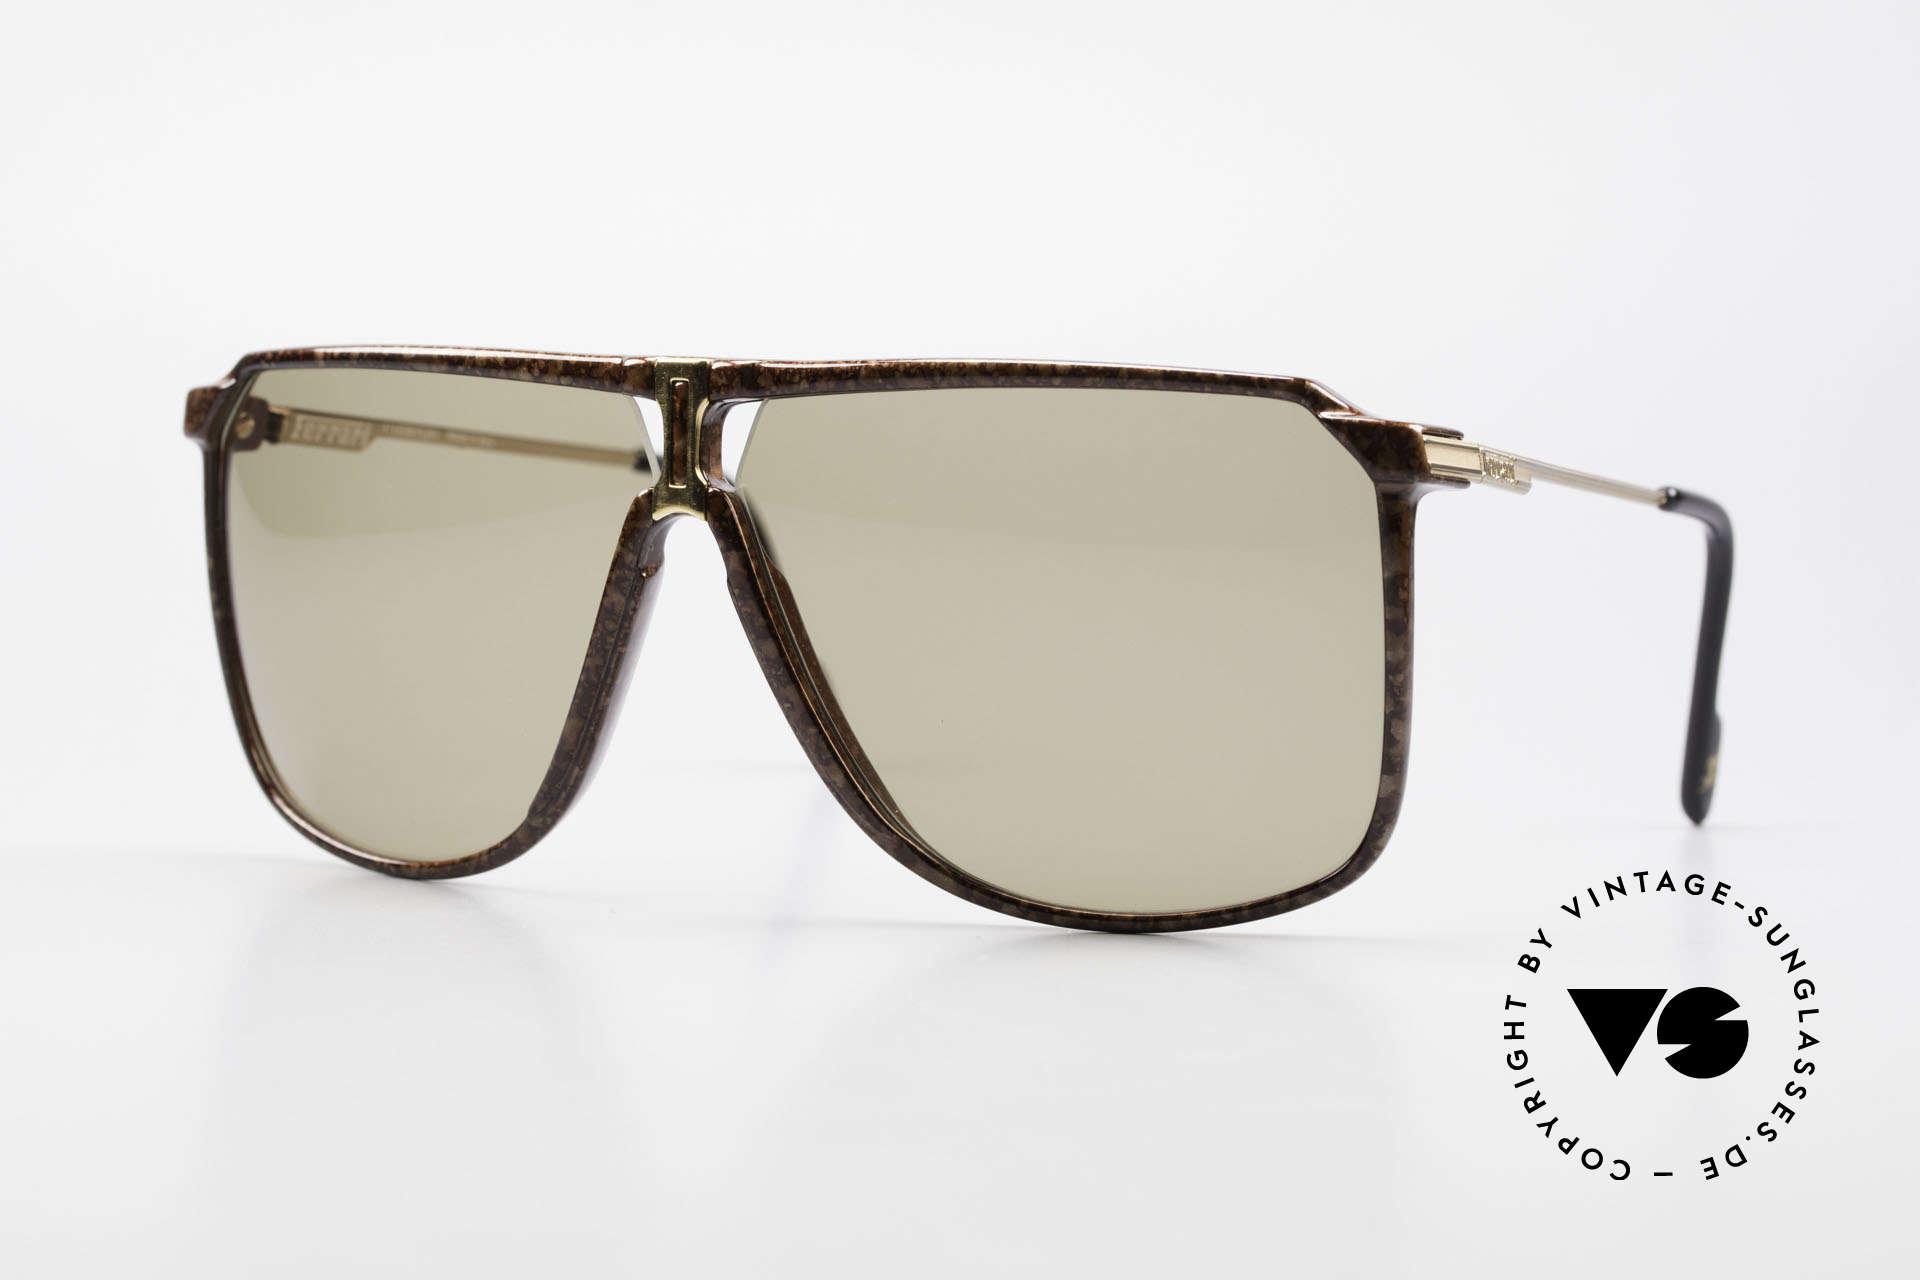 Ferrari F37/S 90's XL Sunglasses Carbonio, luxury carbon sunglasses by Ferrari from the 1990's, Made for Men